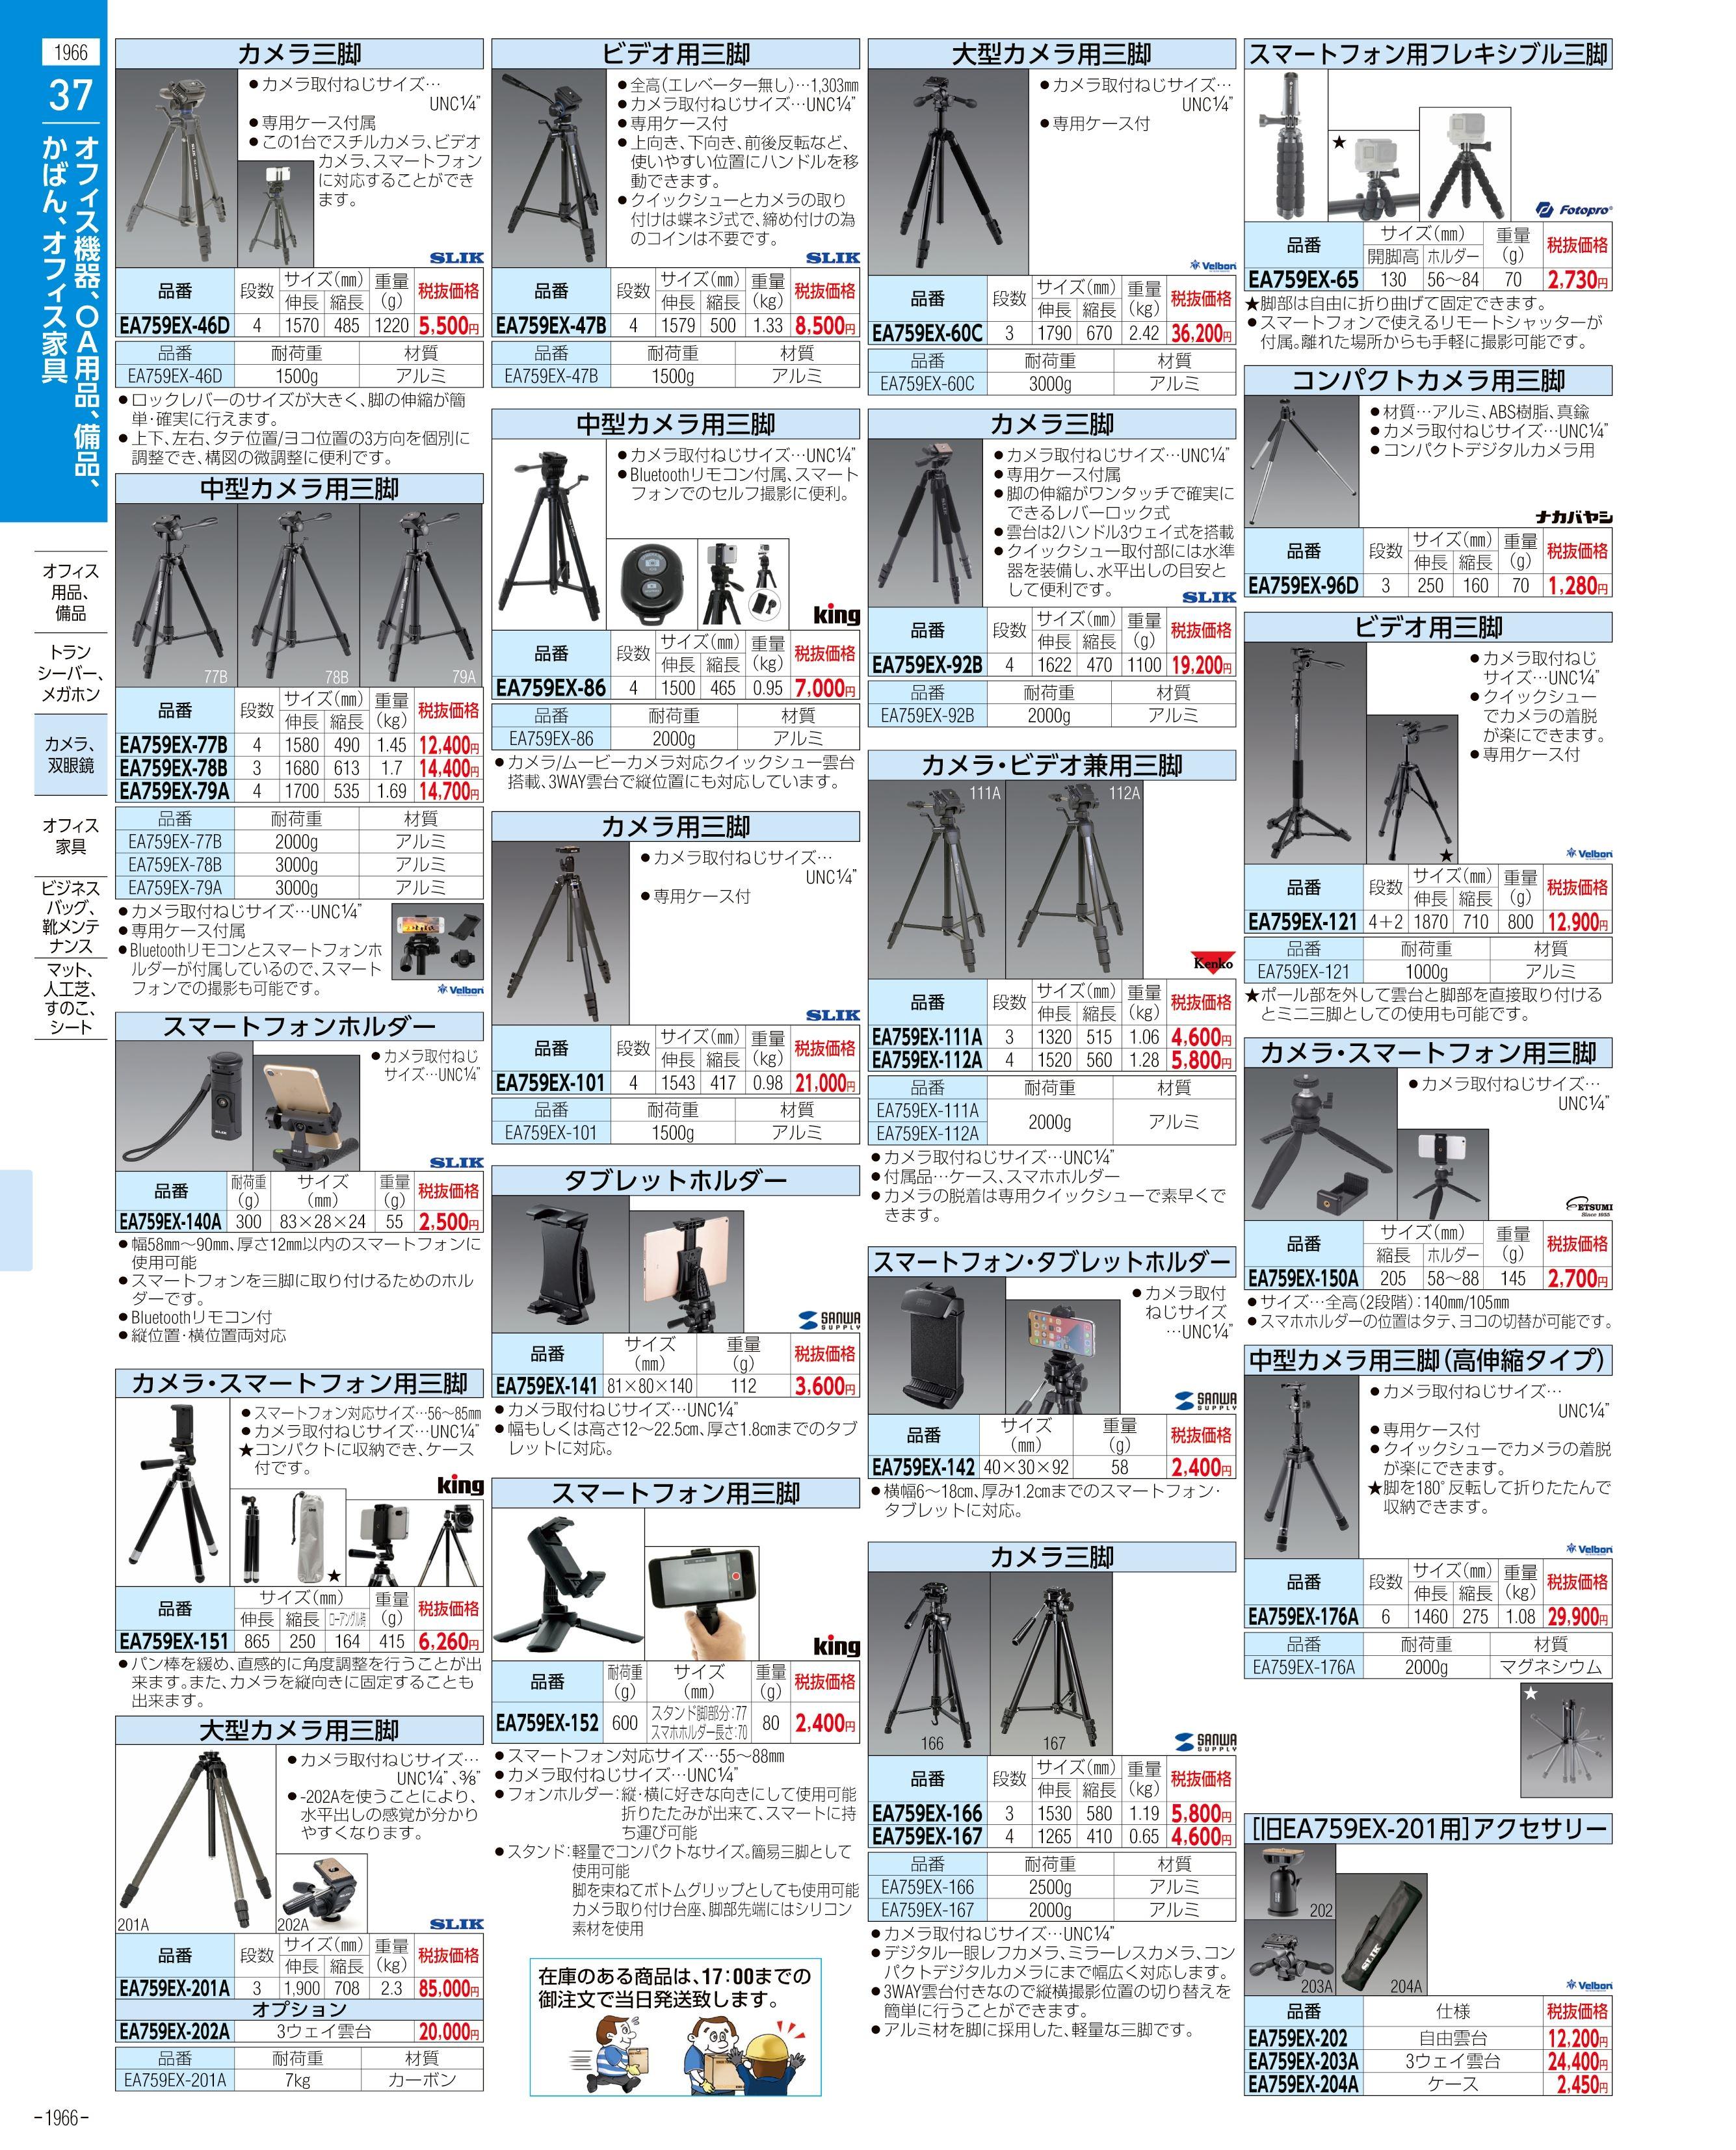 エスコ便利カタログ1966ページ